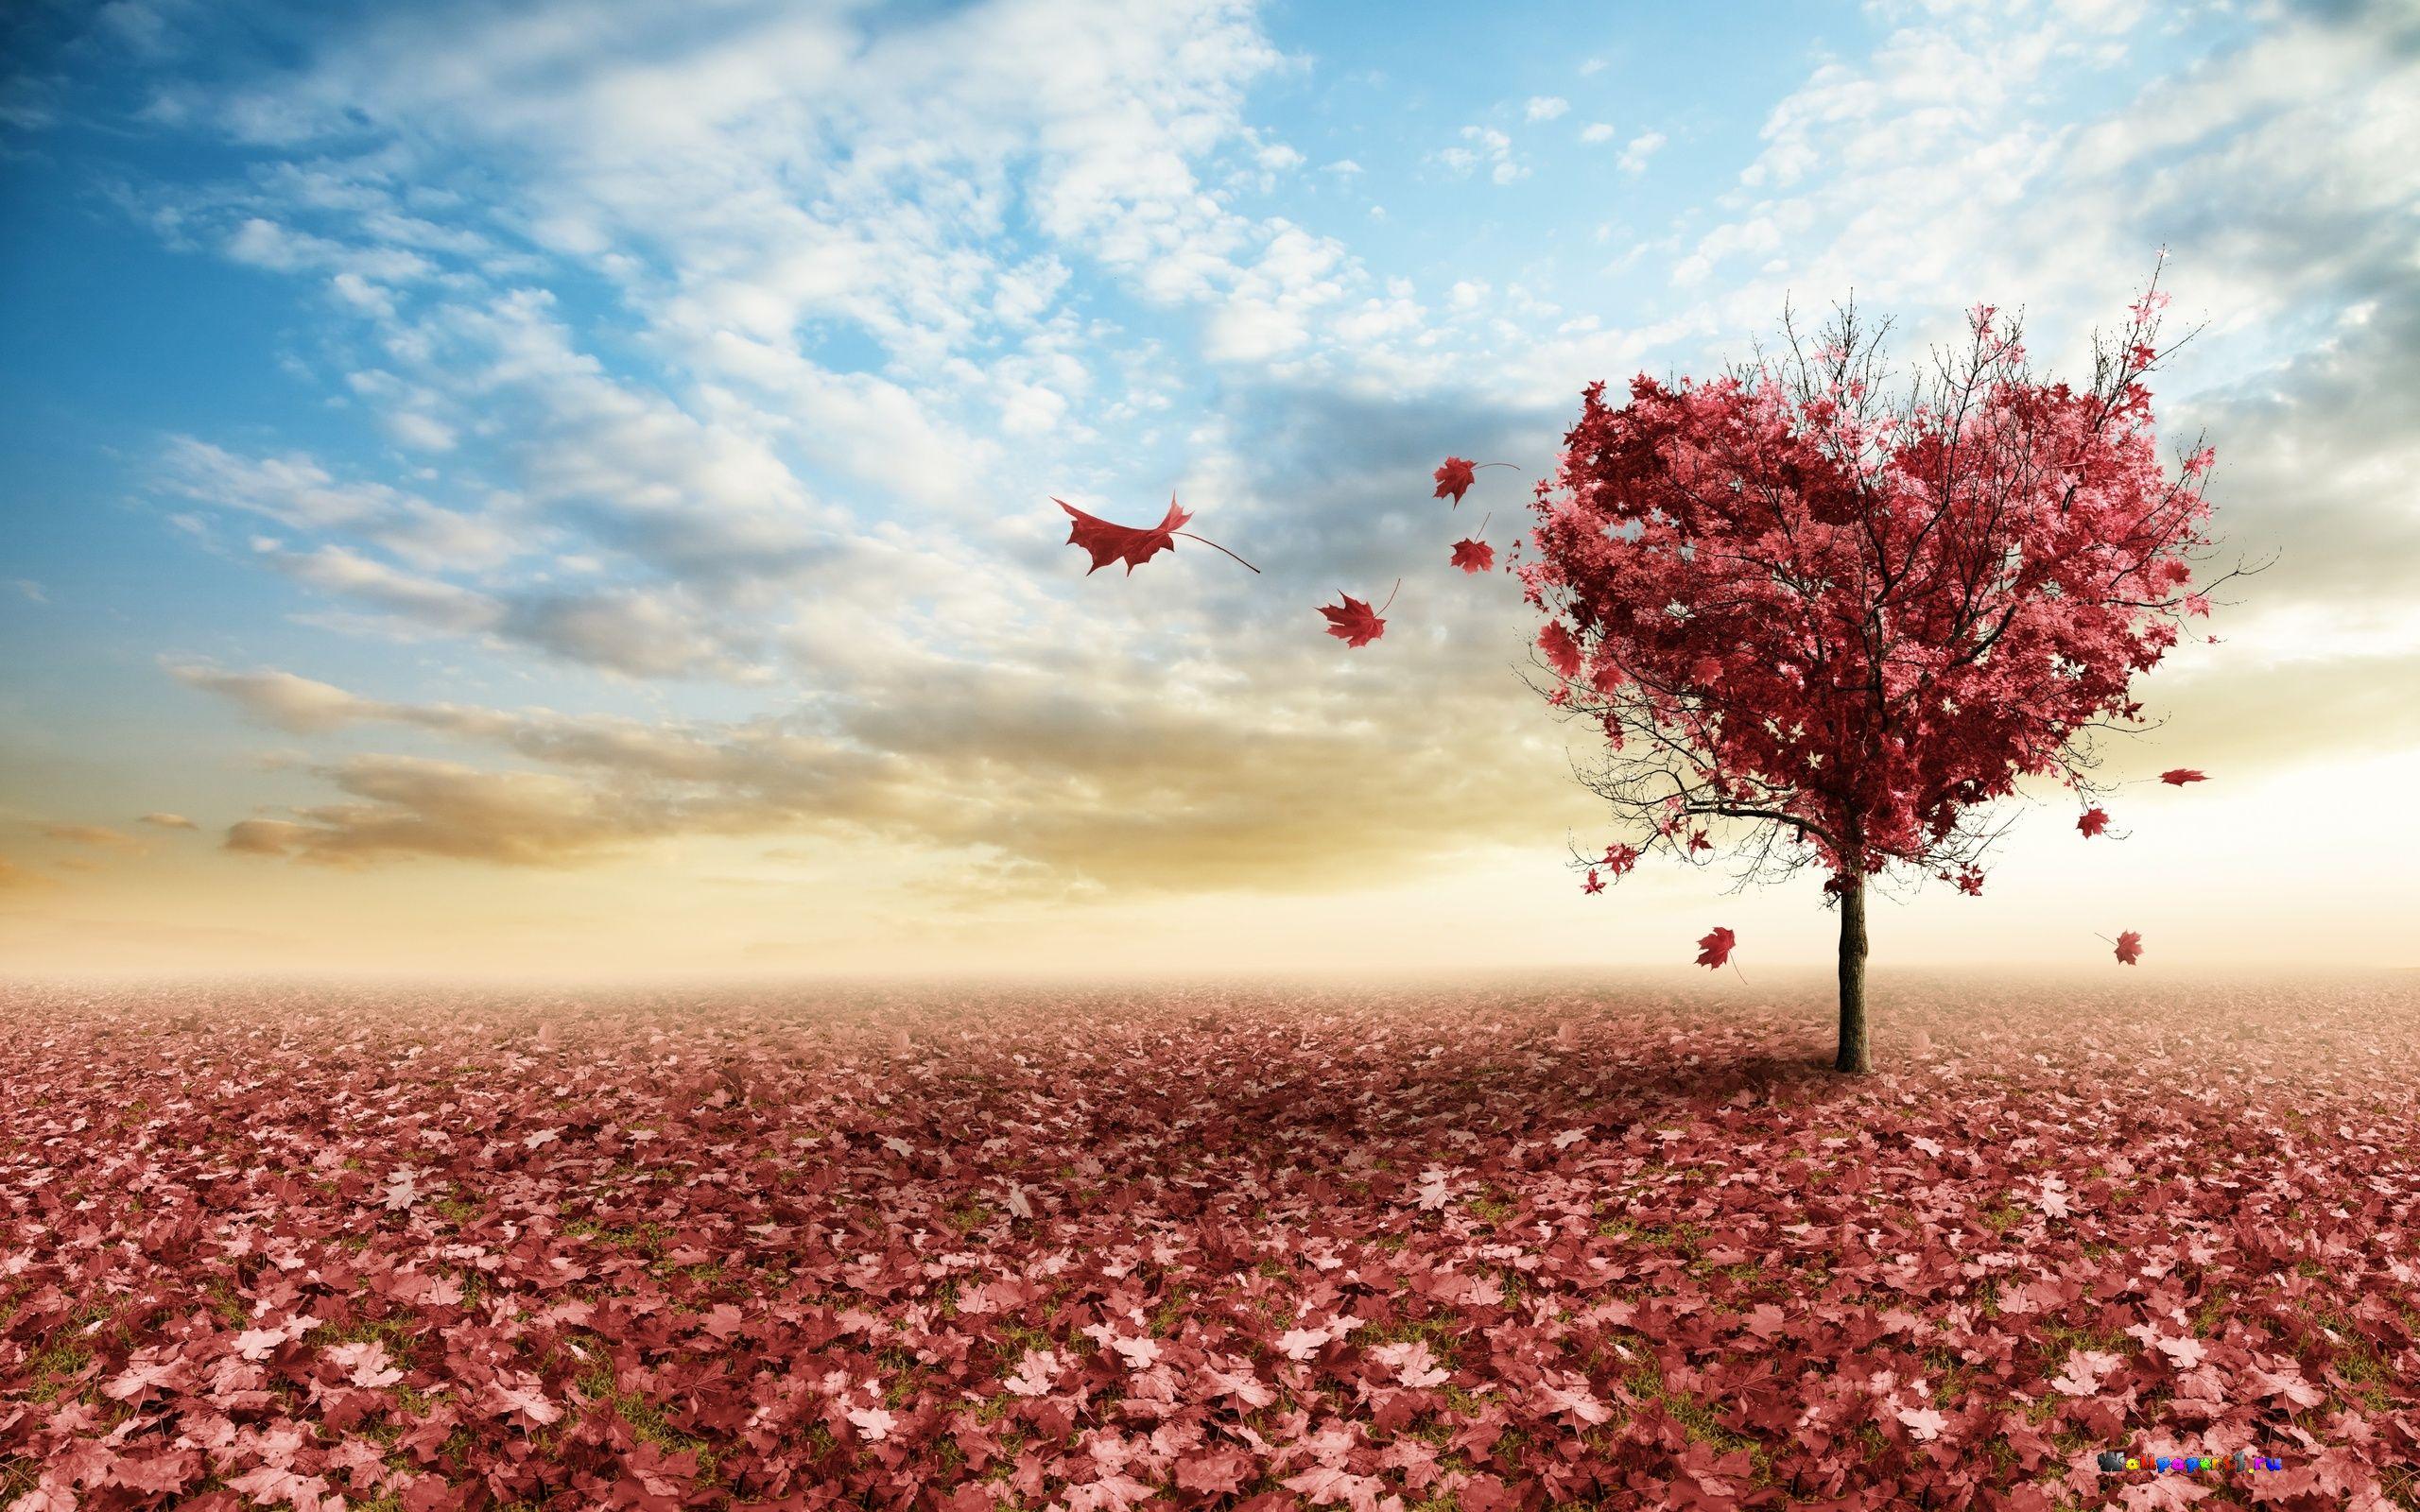 Любовь картинки (455 фото) скачать обои | 1600x2560